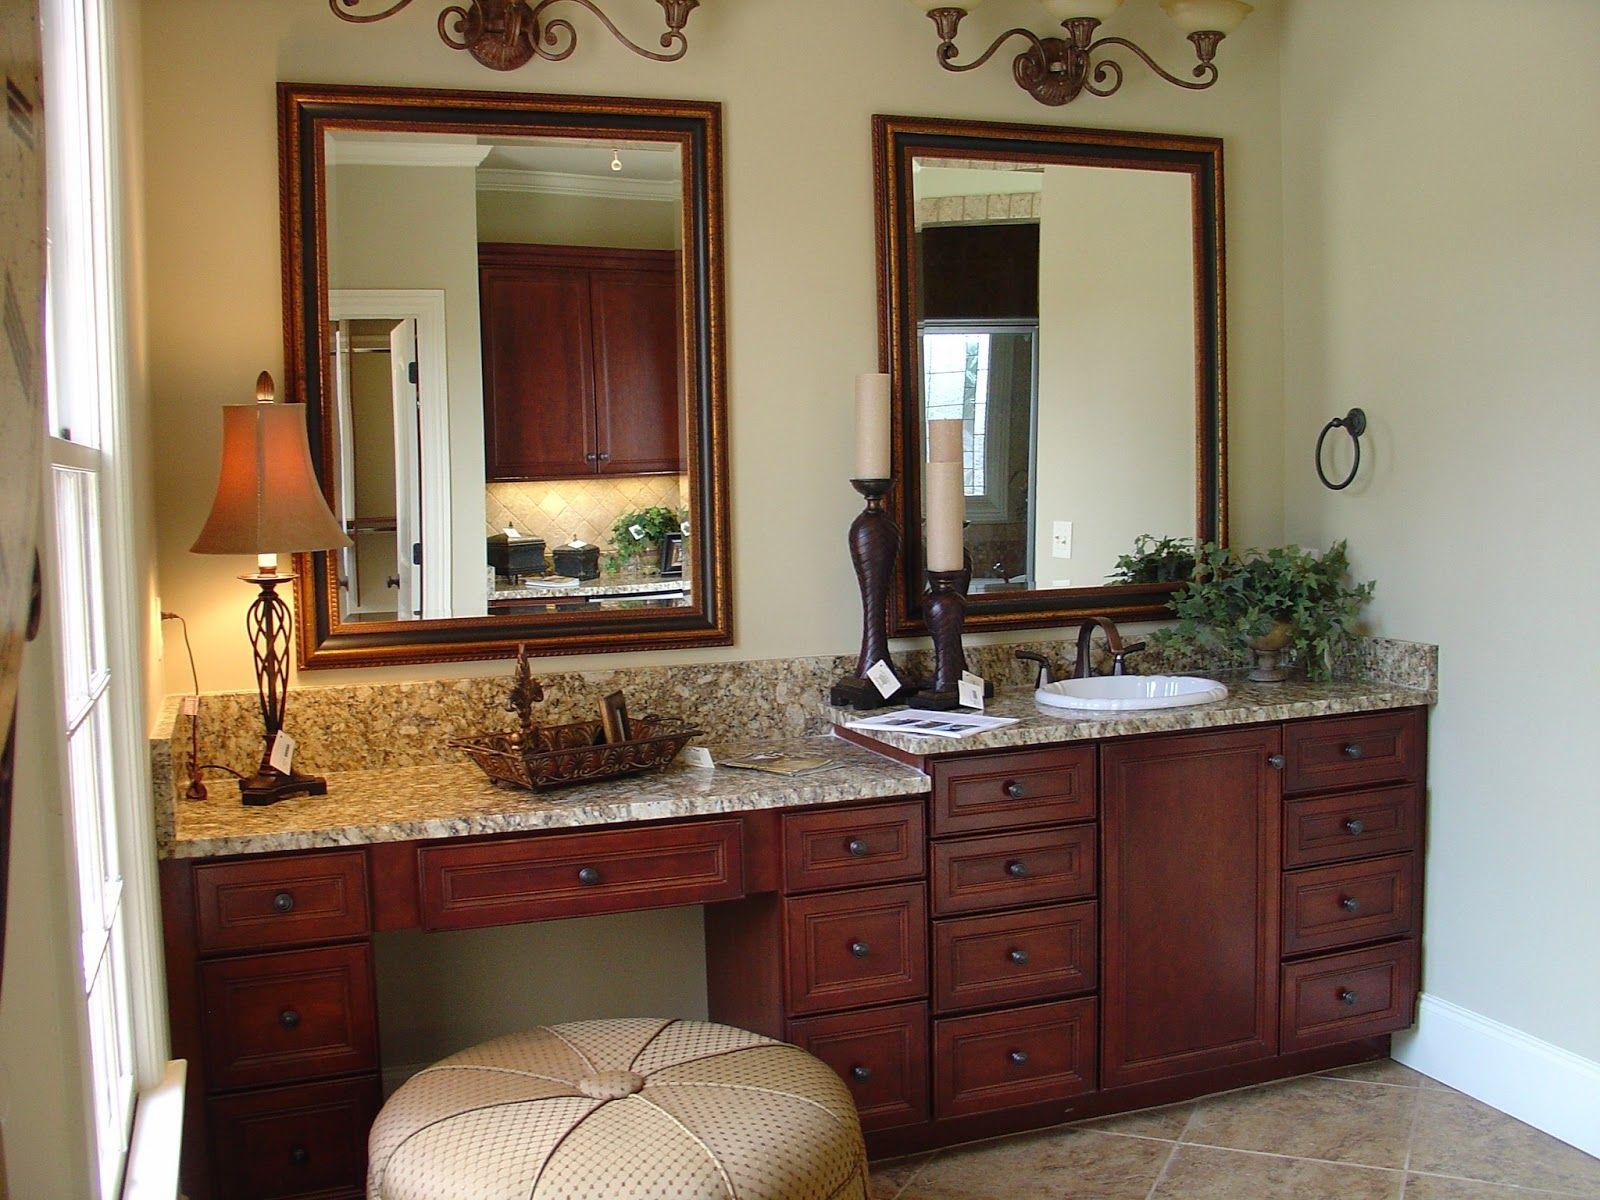 Bathroom Sit Down Vanity One Sink Vanity Within The Master